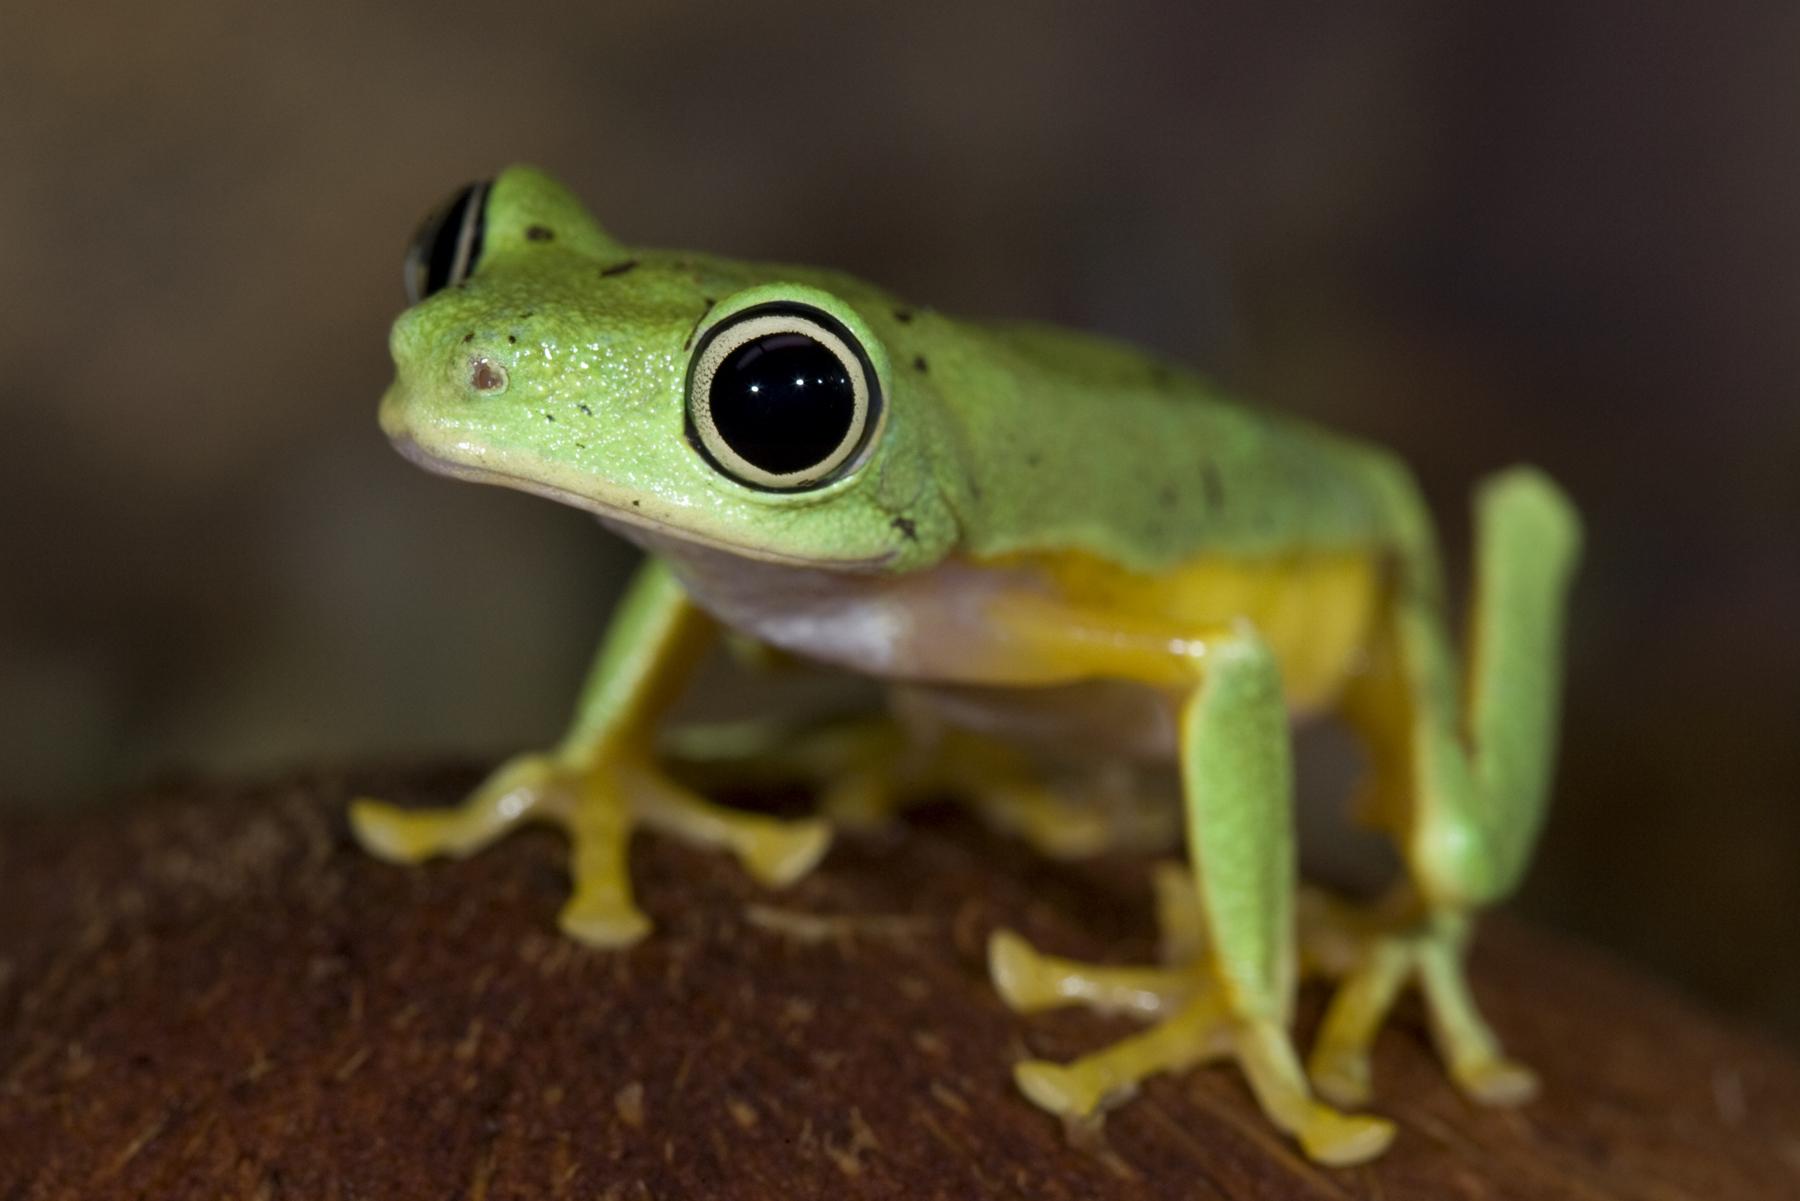 Lemur leaf frog (Hylomantis lemur)